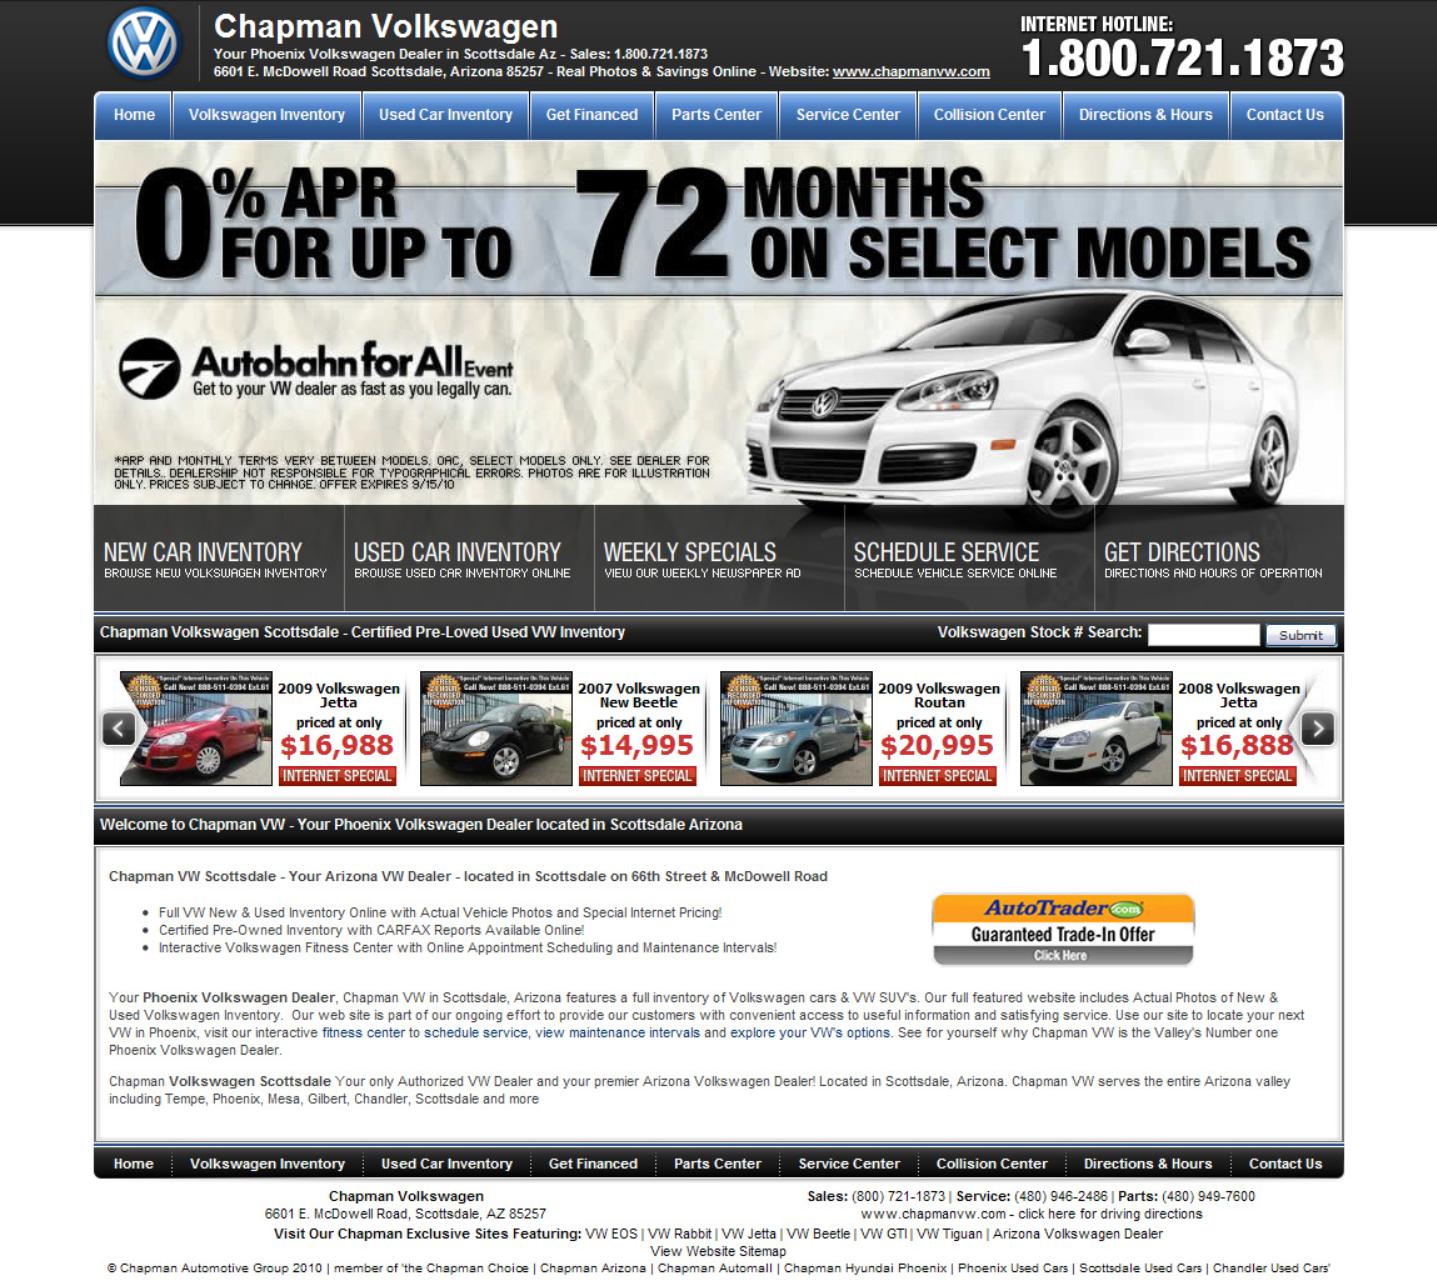 Chapman Volkswagen